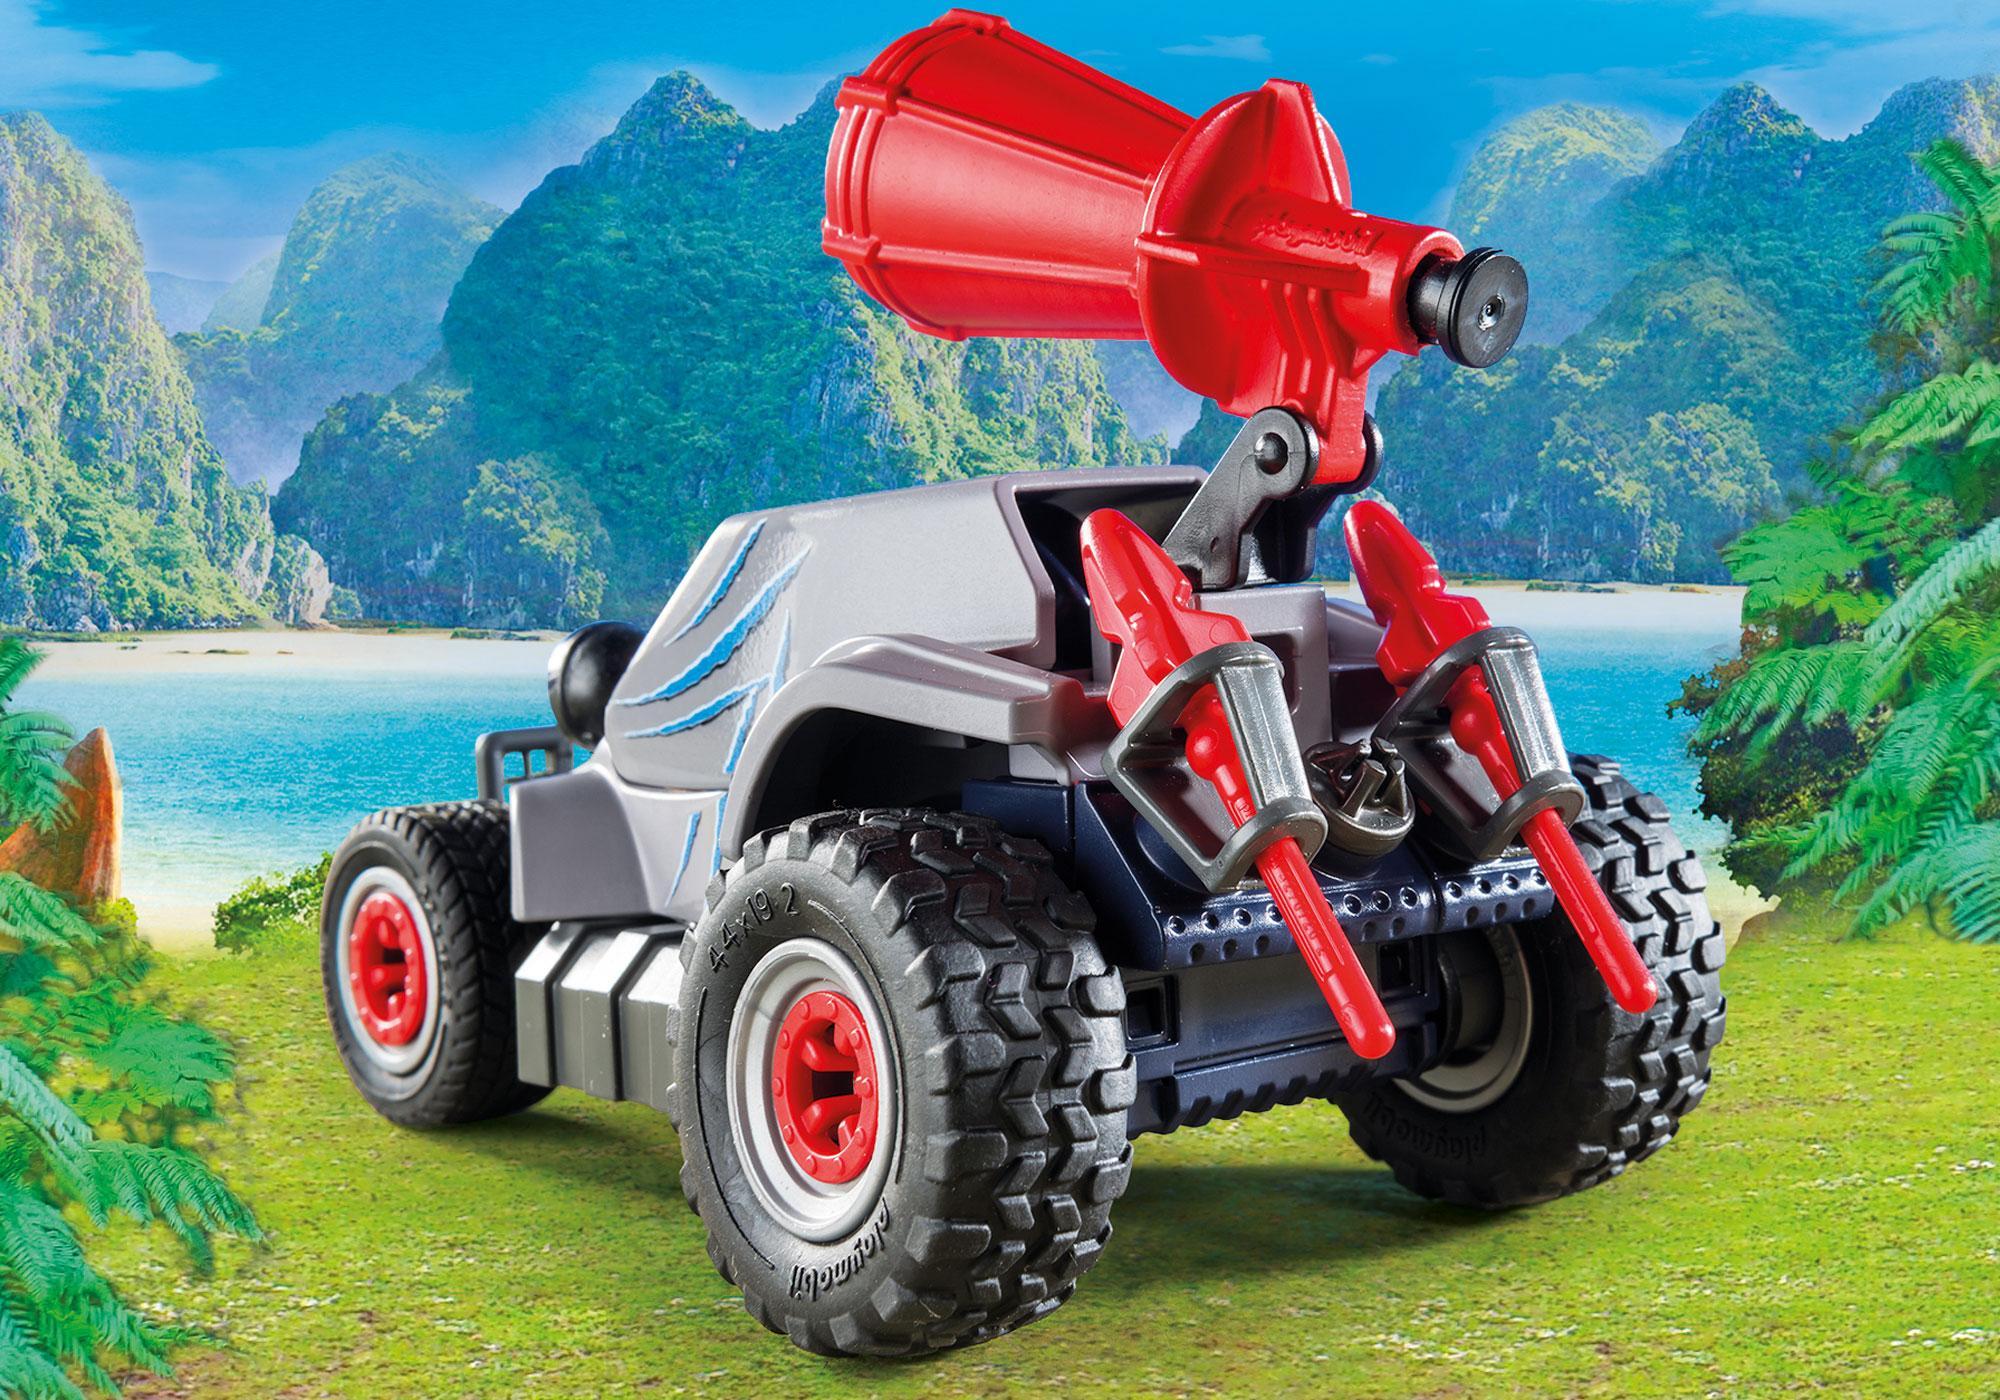 http://media.playmobil.com/i/playmobil/9434_product_extra1/Carro com Triceratops